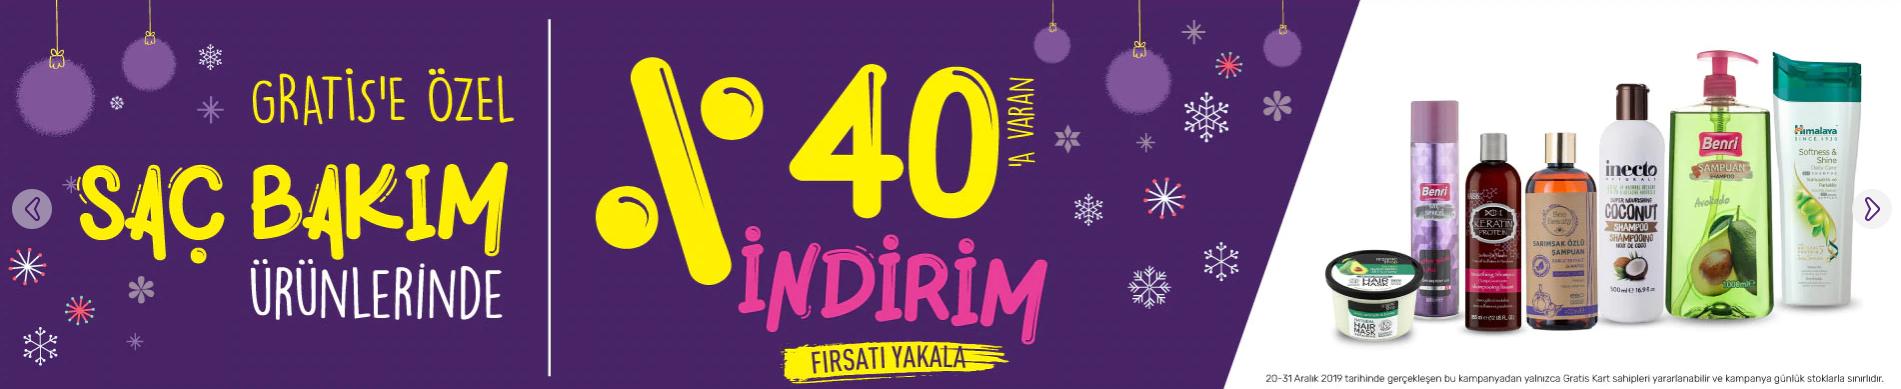 Gratis 20-31 Aralık indirimi | Gratis yeni yıl indirimi 2019